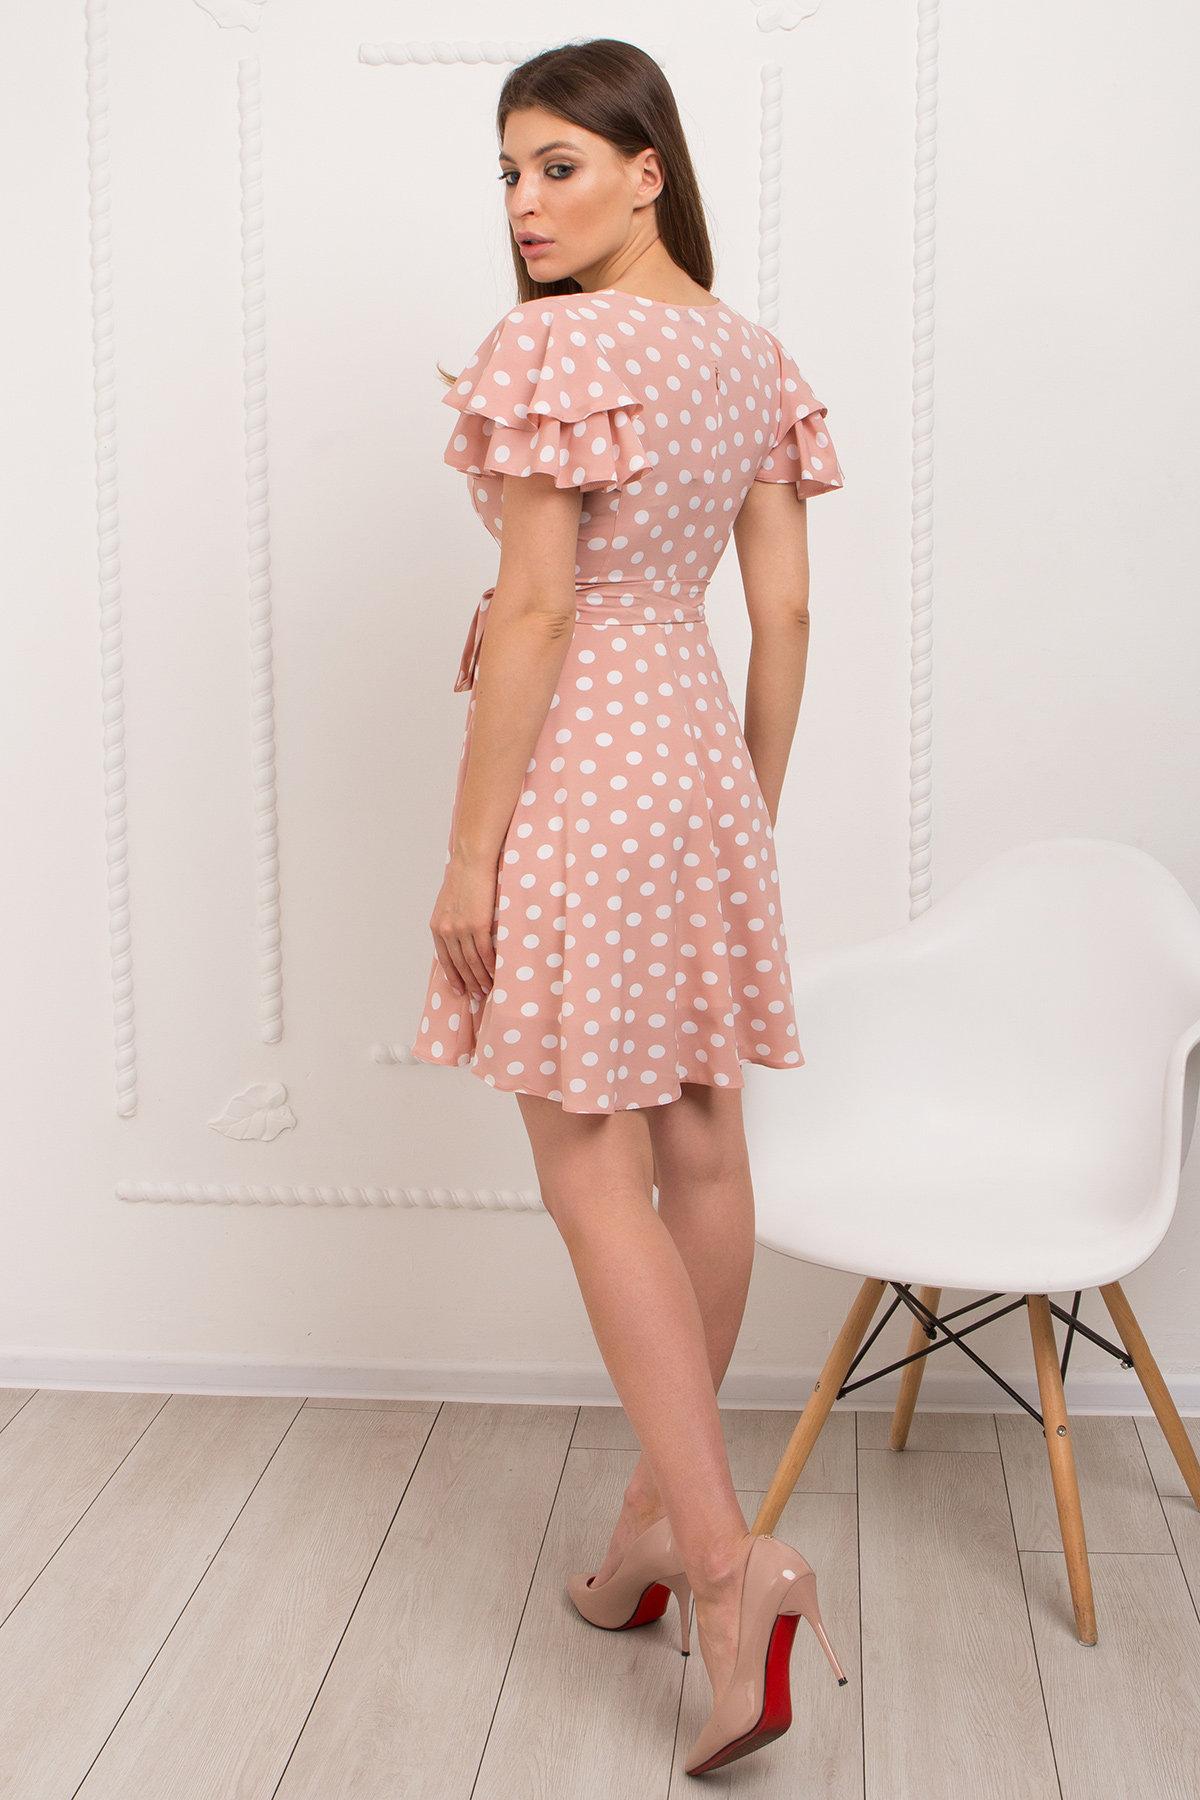 Платье Милея 9072 АРТ. 45396 Цвет: Пудра/молоко горох - фото 3, интернет магазин tm-modus.ru